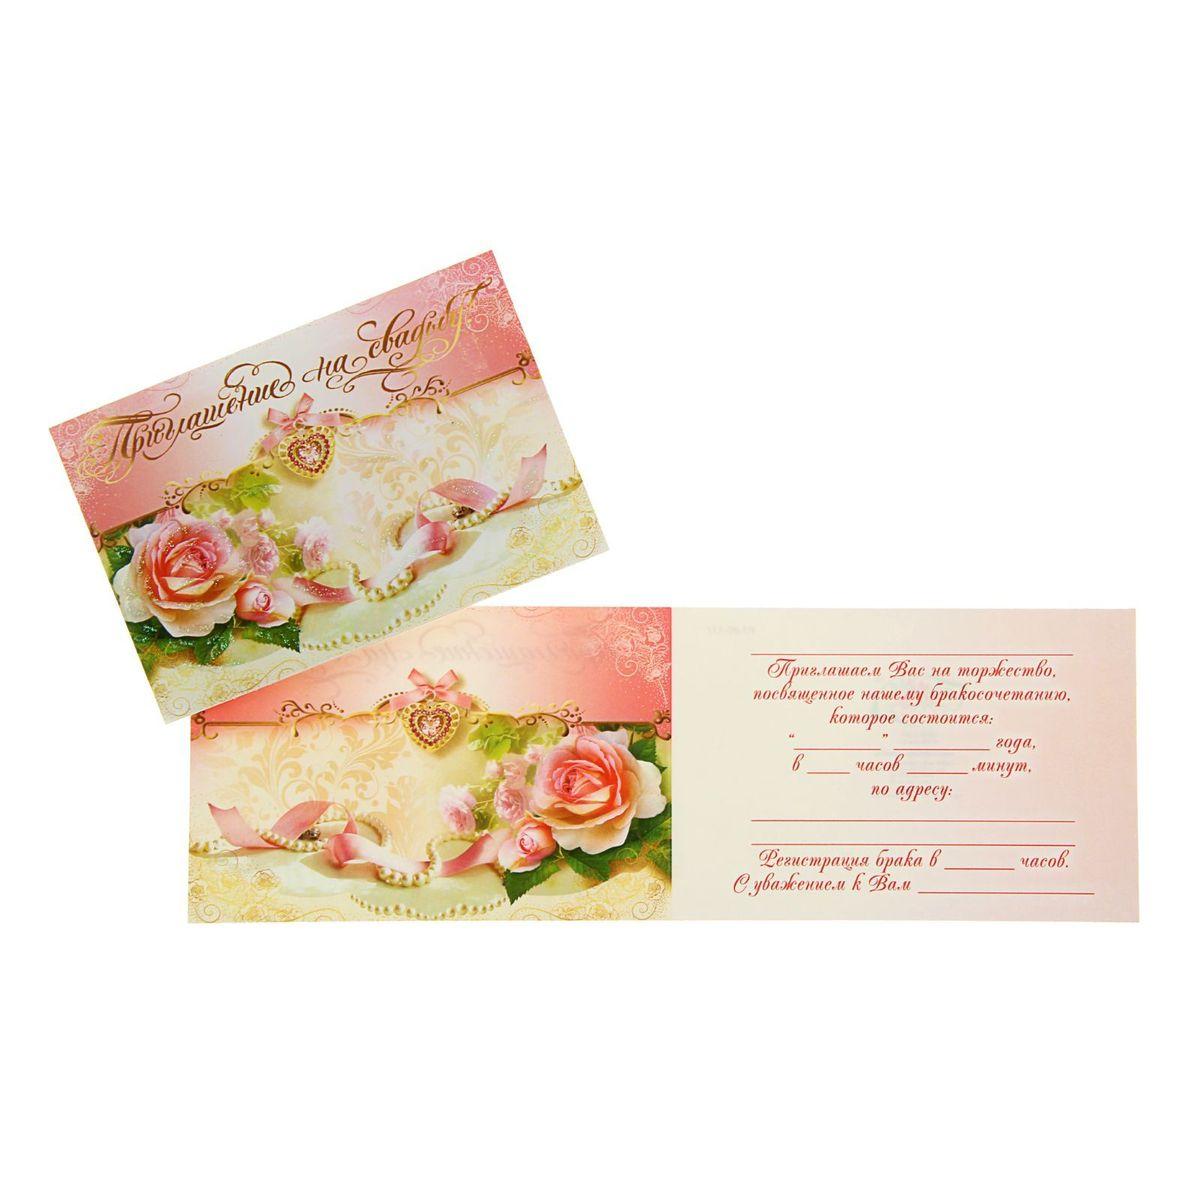 Приглашение на свадьбу Эдельвейс приглашение на свадьбу канышевы счастливые молодожены 6 шт